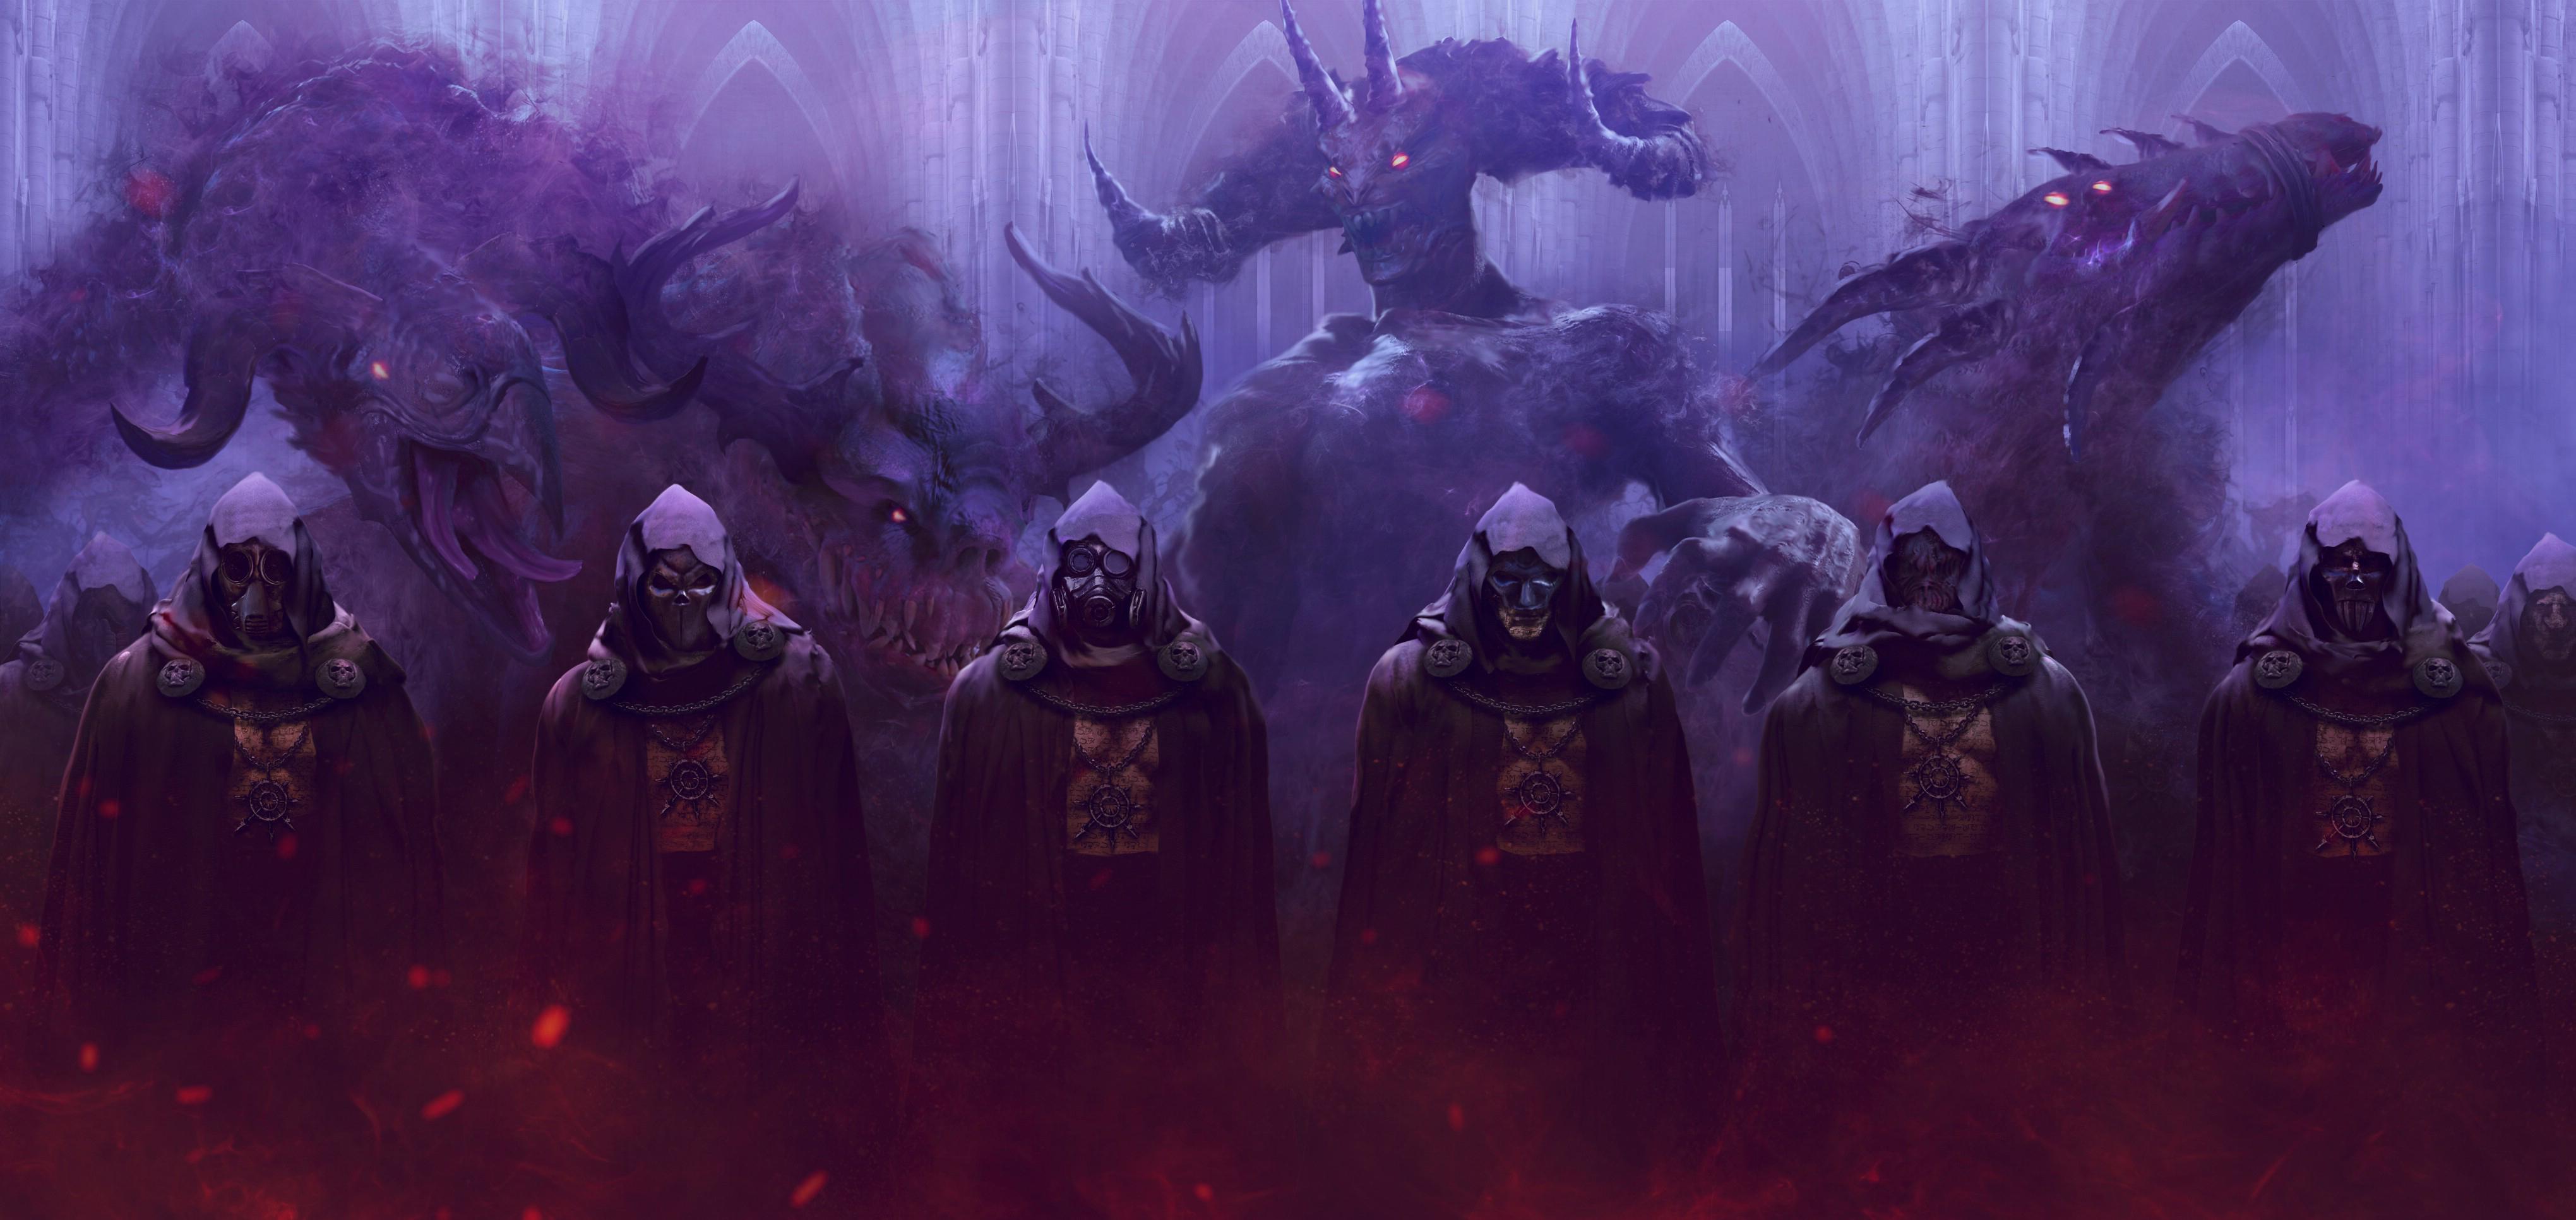 2019 Battlefleet Gothic Armada 2 Wallpaper HD Games 4K Wallpapers 4080x1933